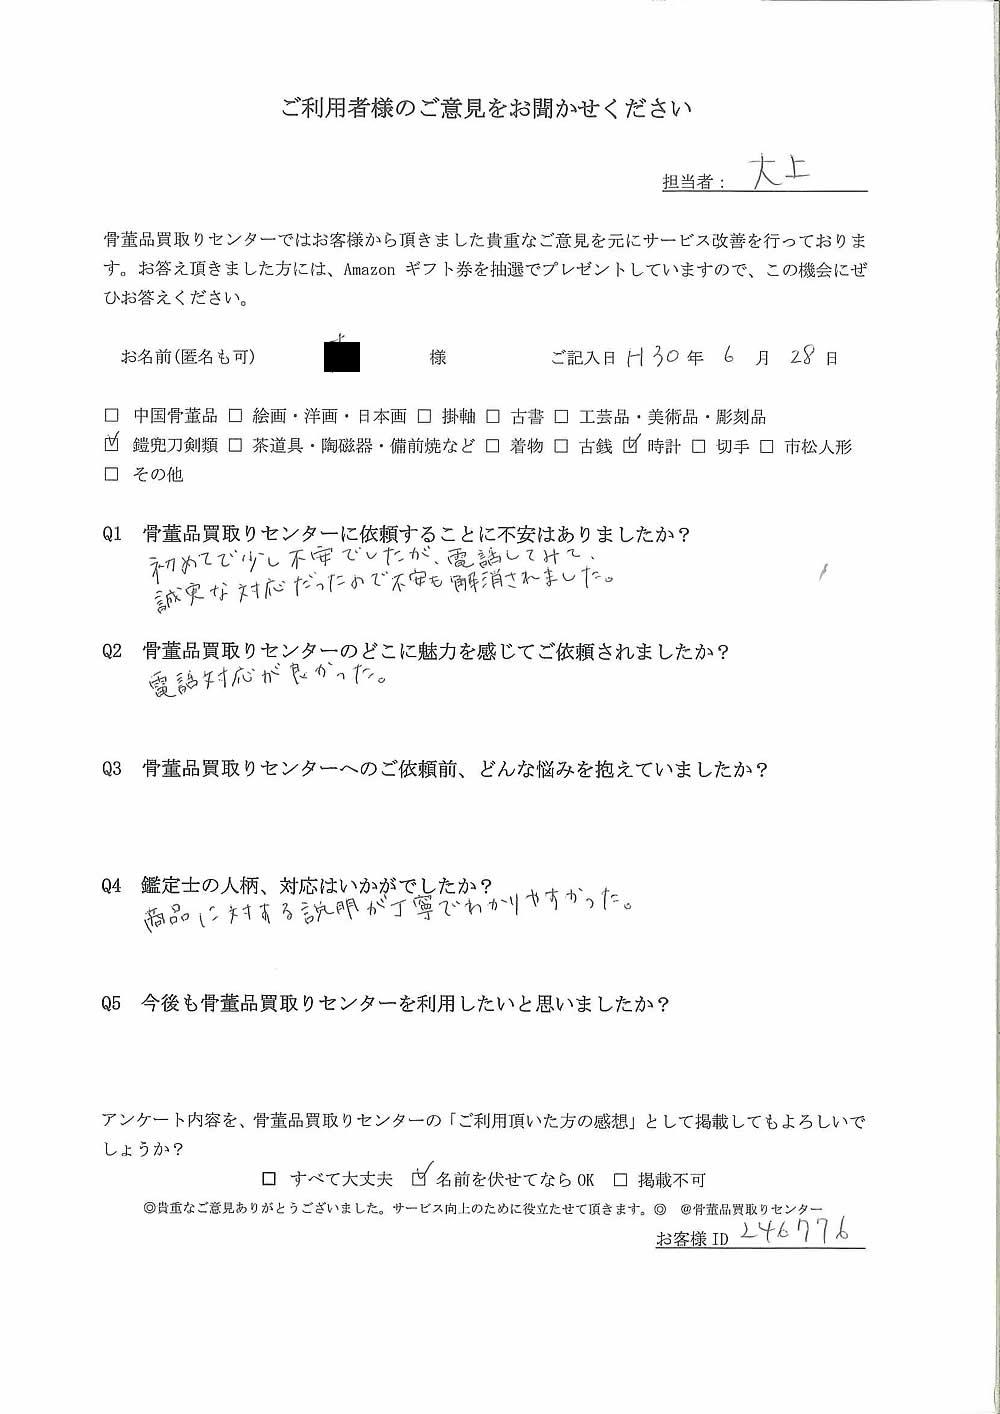 【東京】鎧兜刀剣類、時計買取り ご利用者様の声